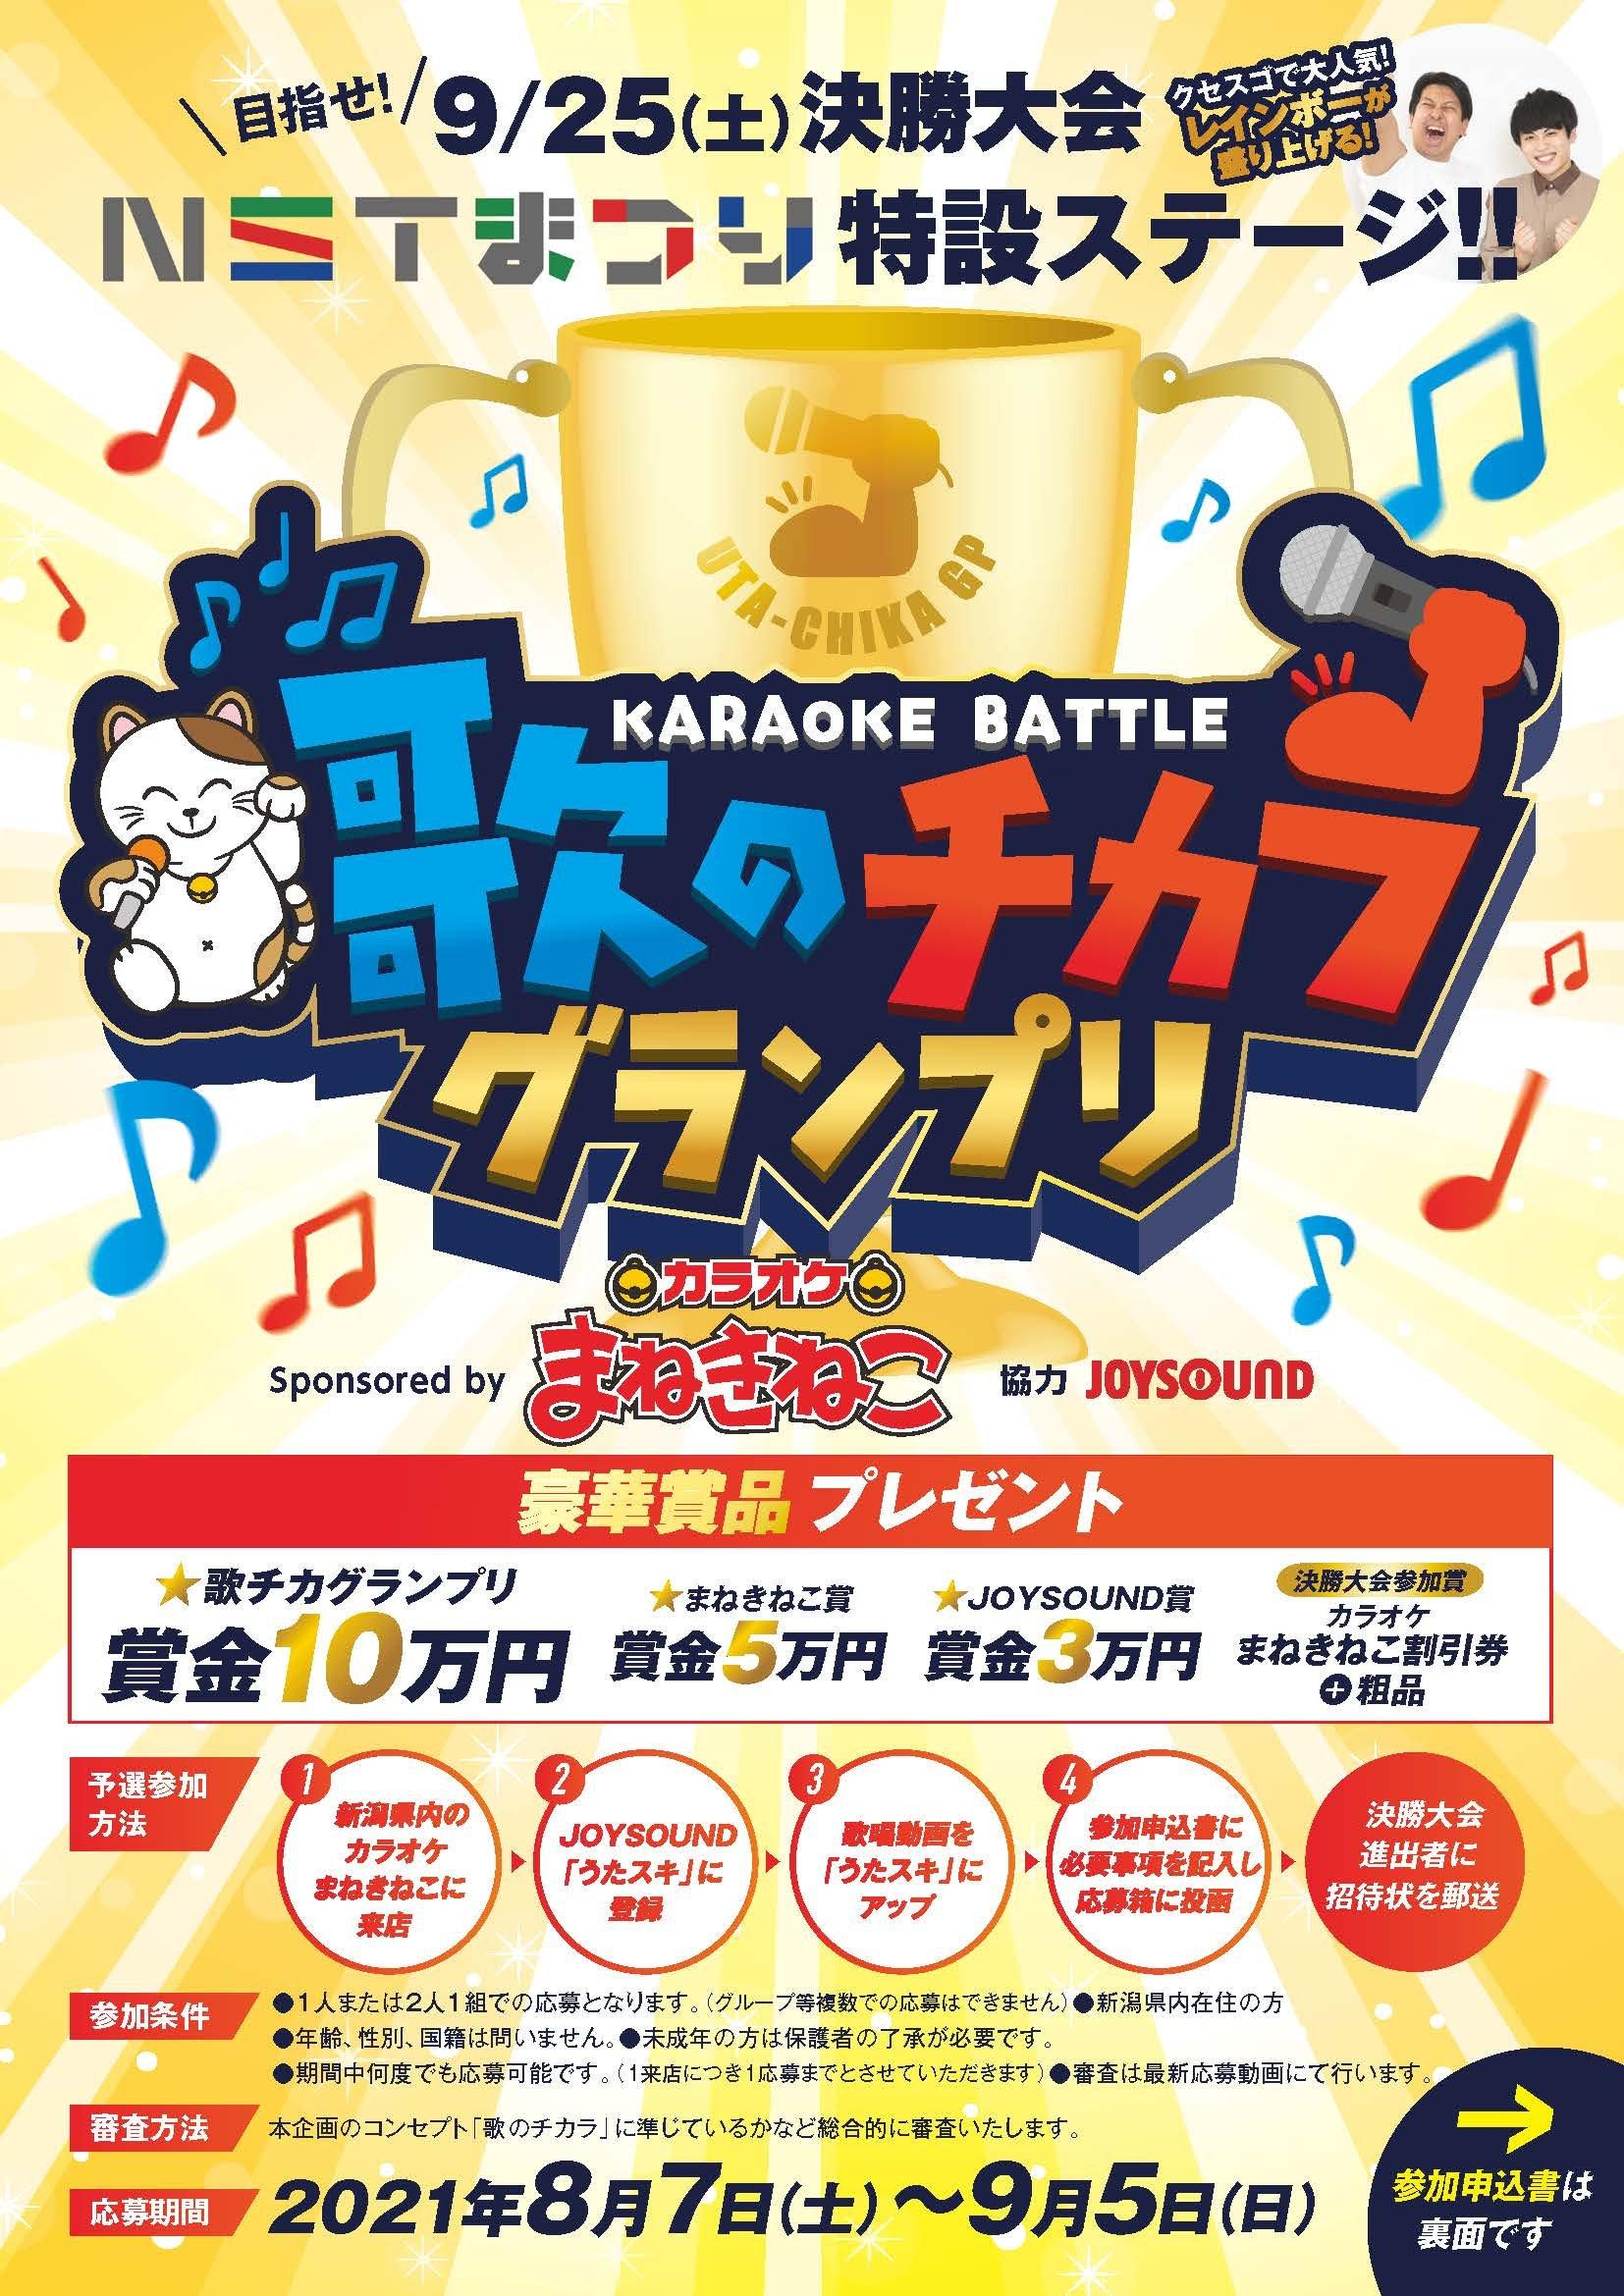 カラオケまねきねこの歌のチカラグランプリ開催!!のキャンペーン・フェアの詳細